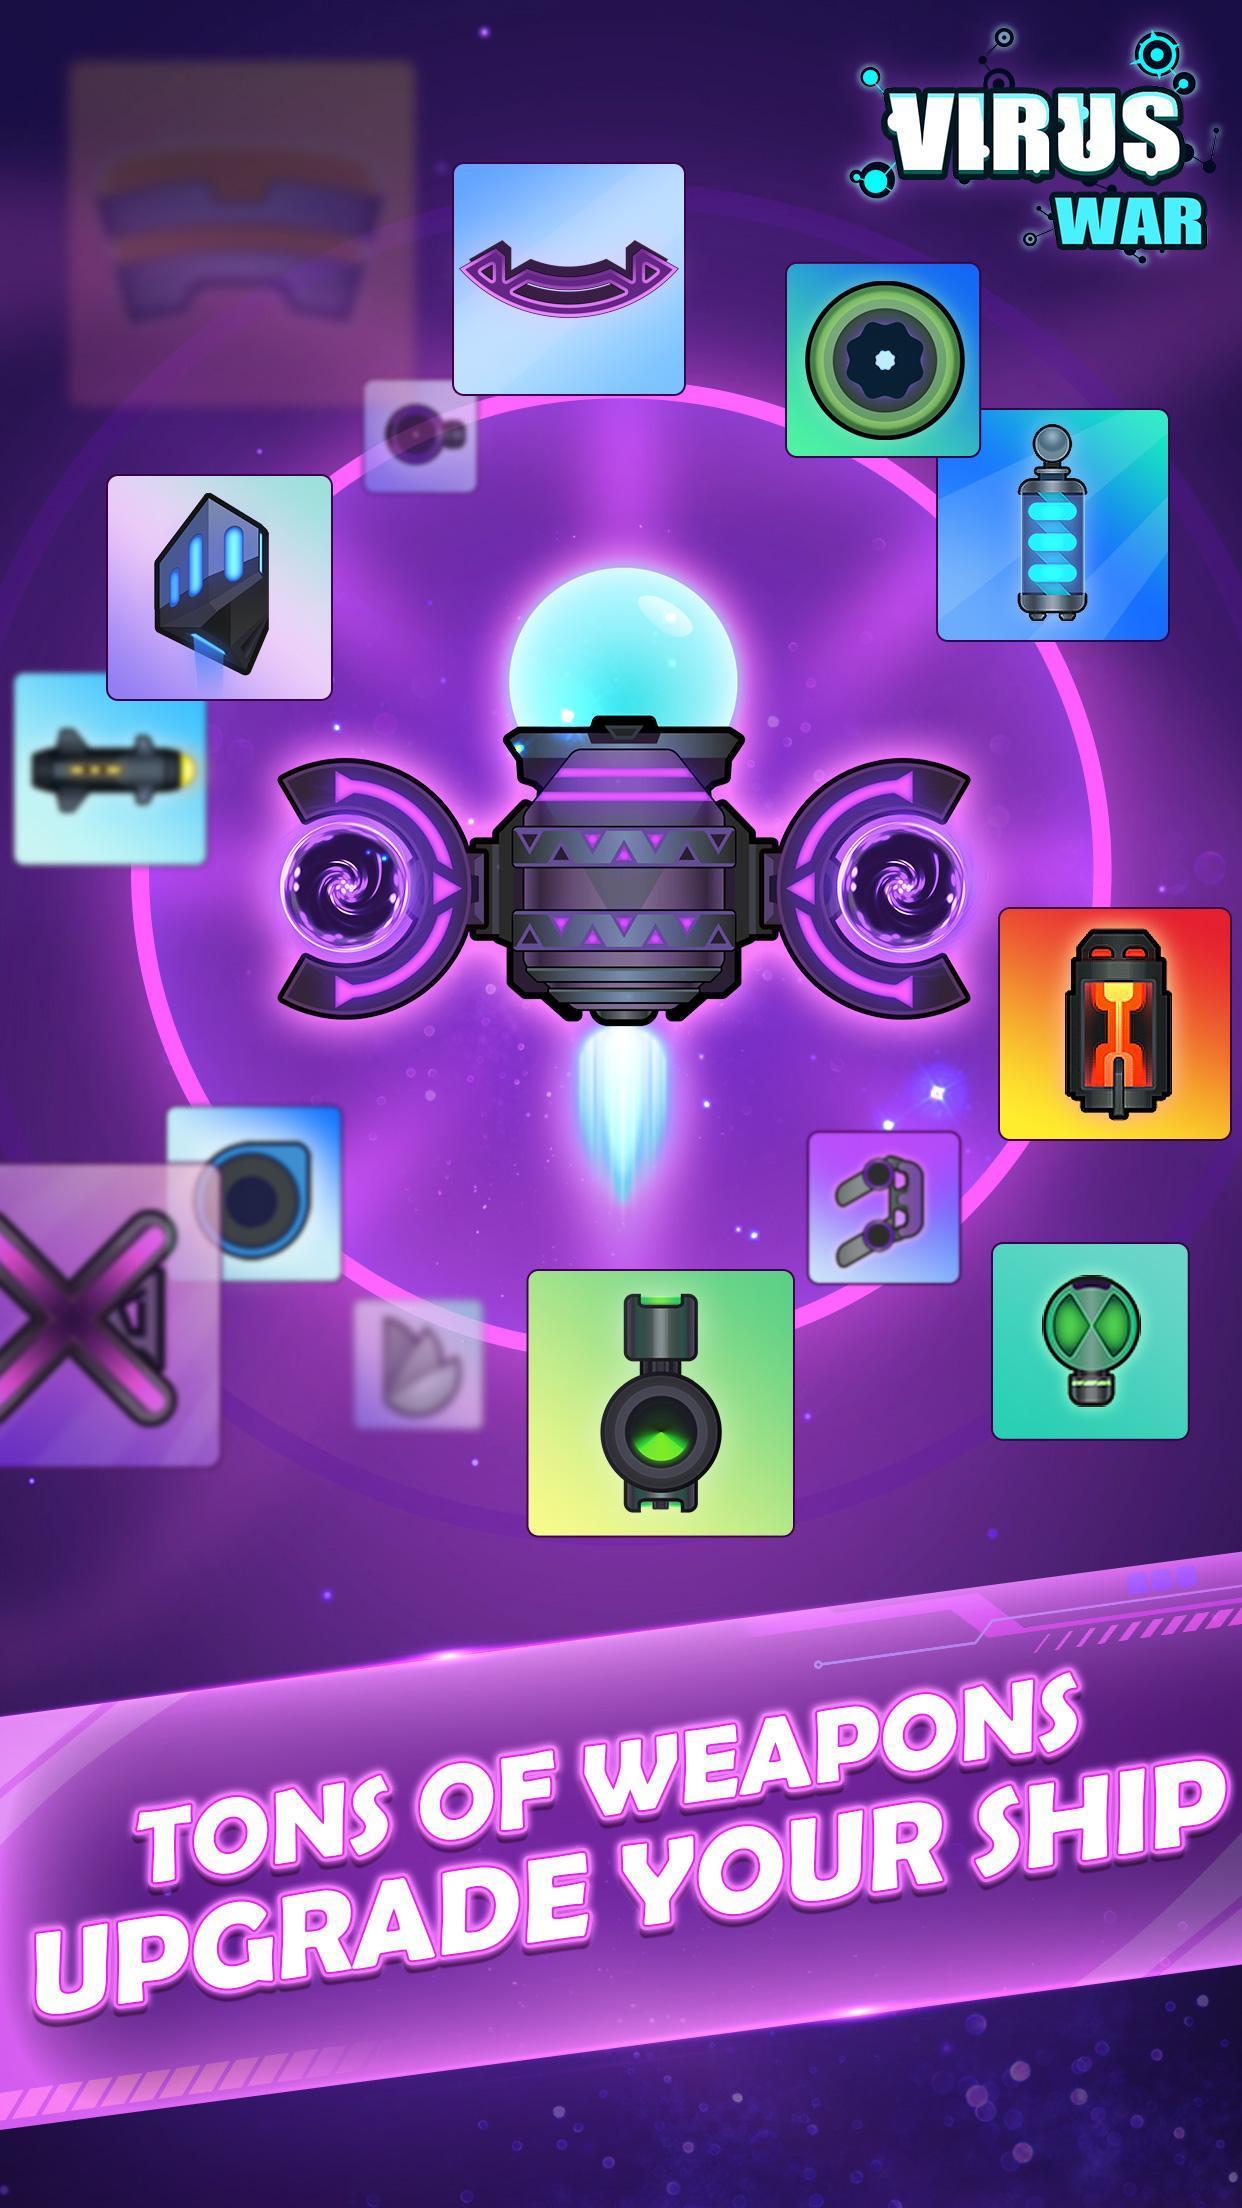 Virus War Space Shooting Game 1.7.9 Screenshot 7